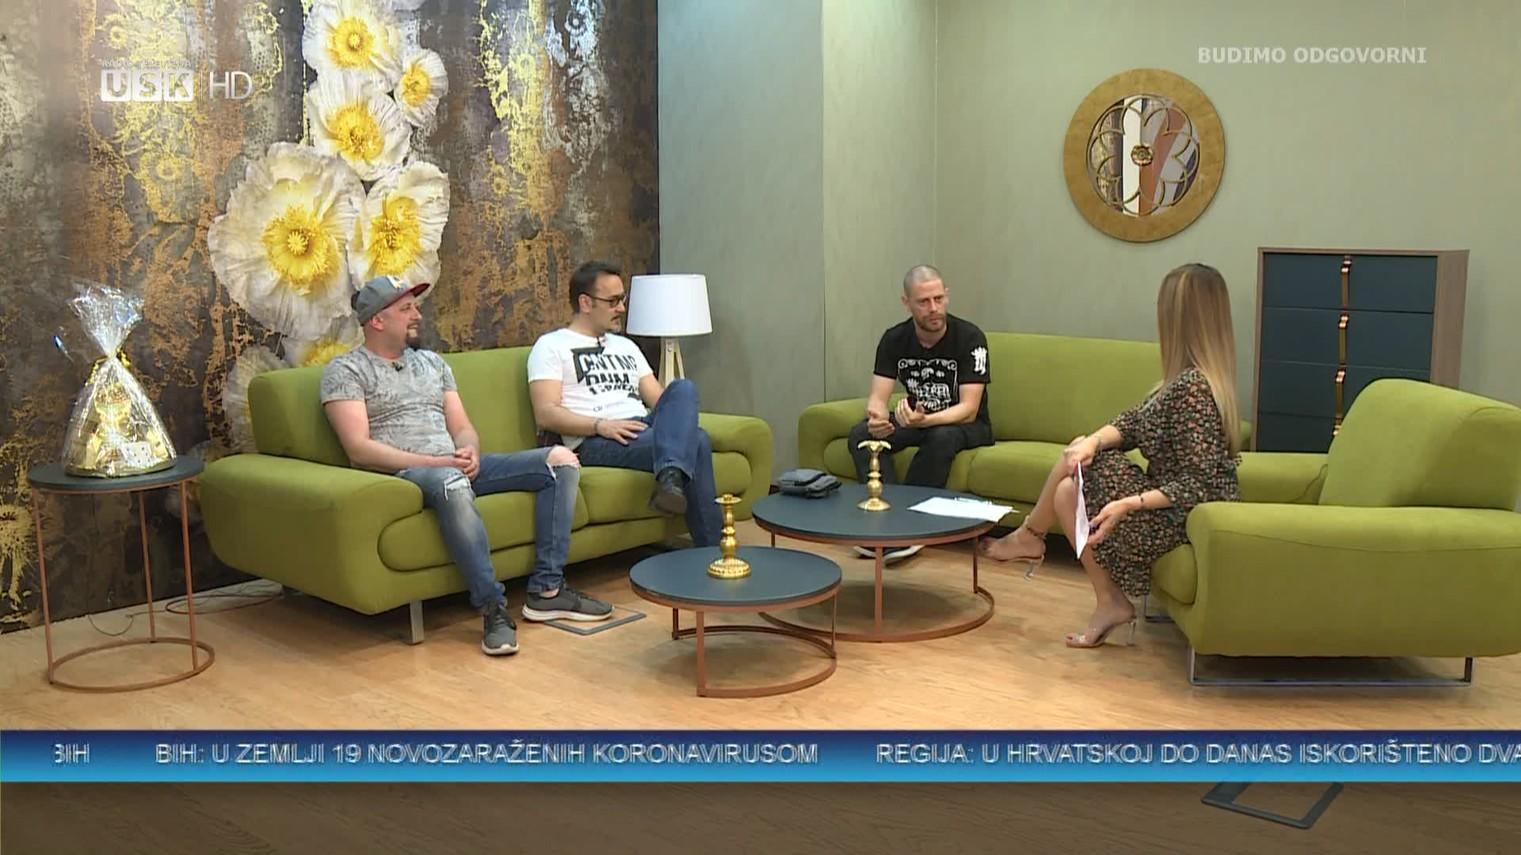 NEDJELJOM ZAJEDNO RTV USK: GOSTI ELVEDIN SEMANIĆ, SAMIR JAGANJAC I ERMIN DURATOVIĆ